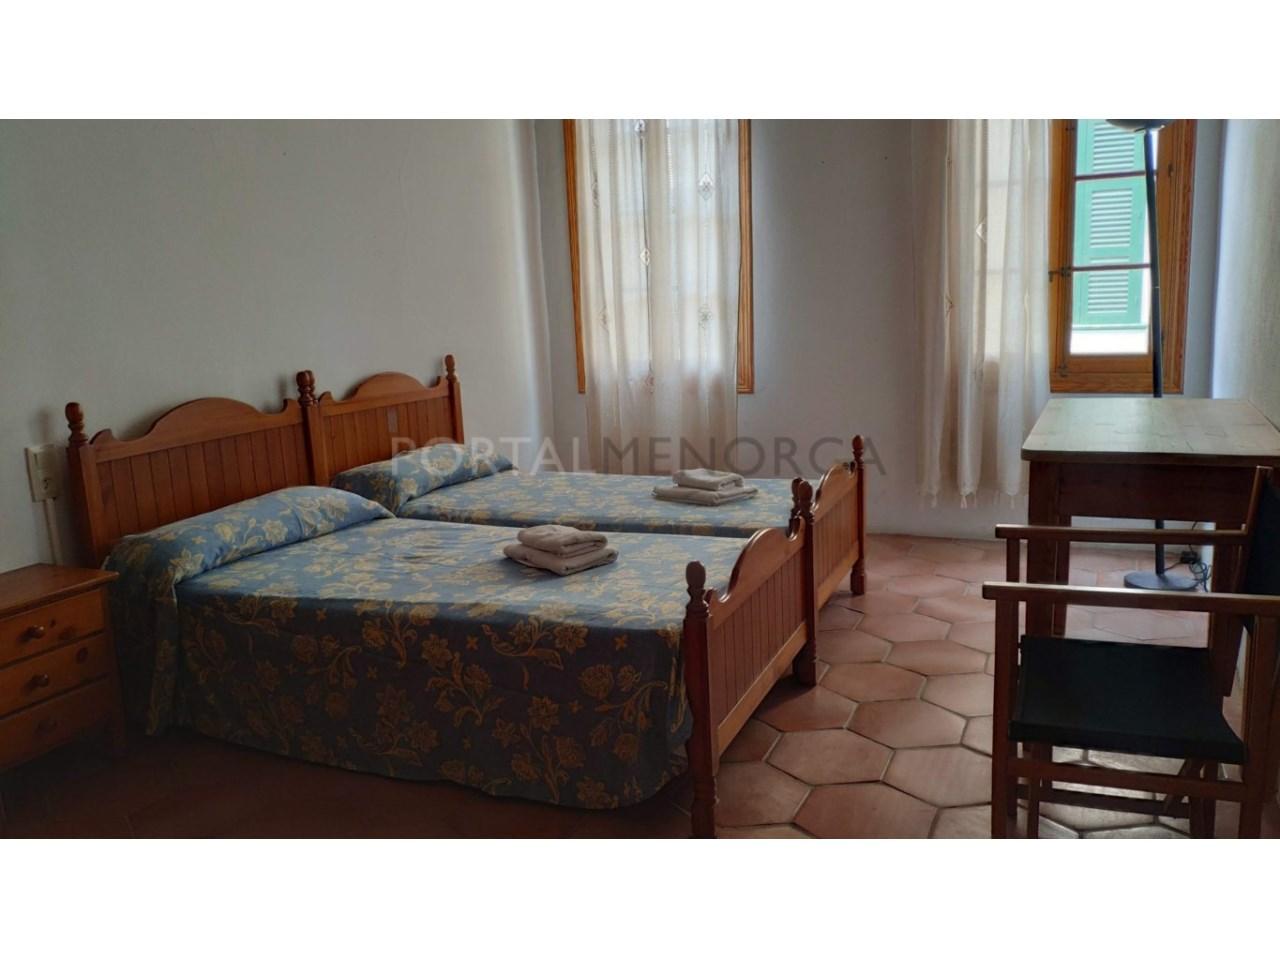 casa reformada en venta en Ciutadella de Menorca habitación 1